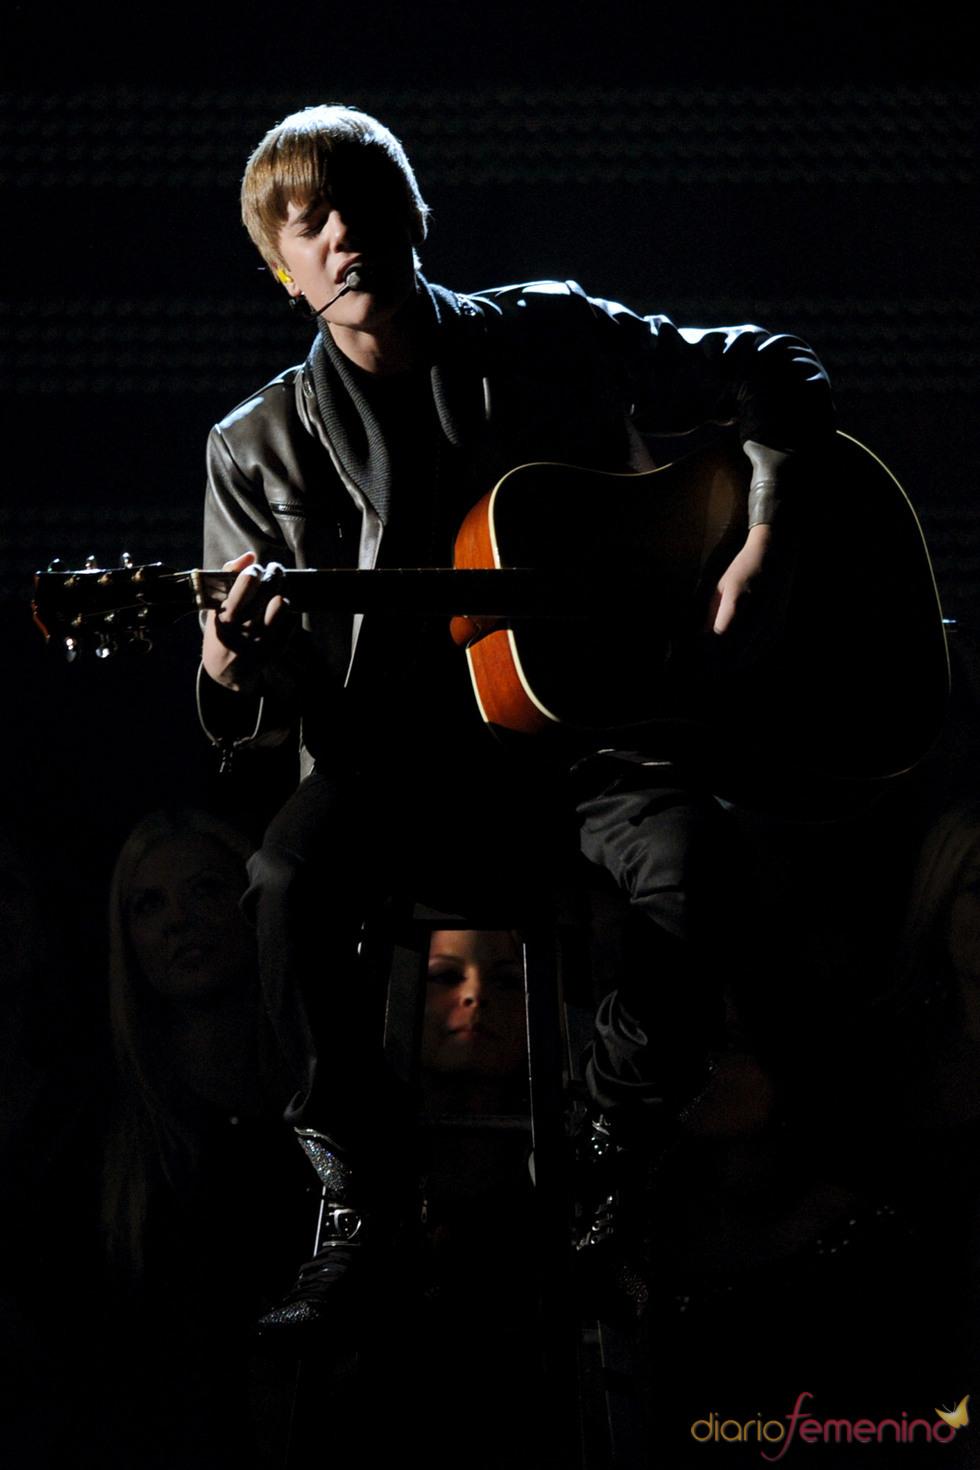 Justin Bieber canta 'Baby' en los Grammy 2011